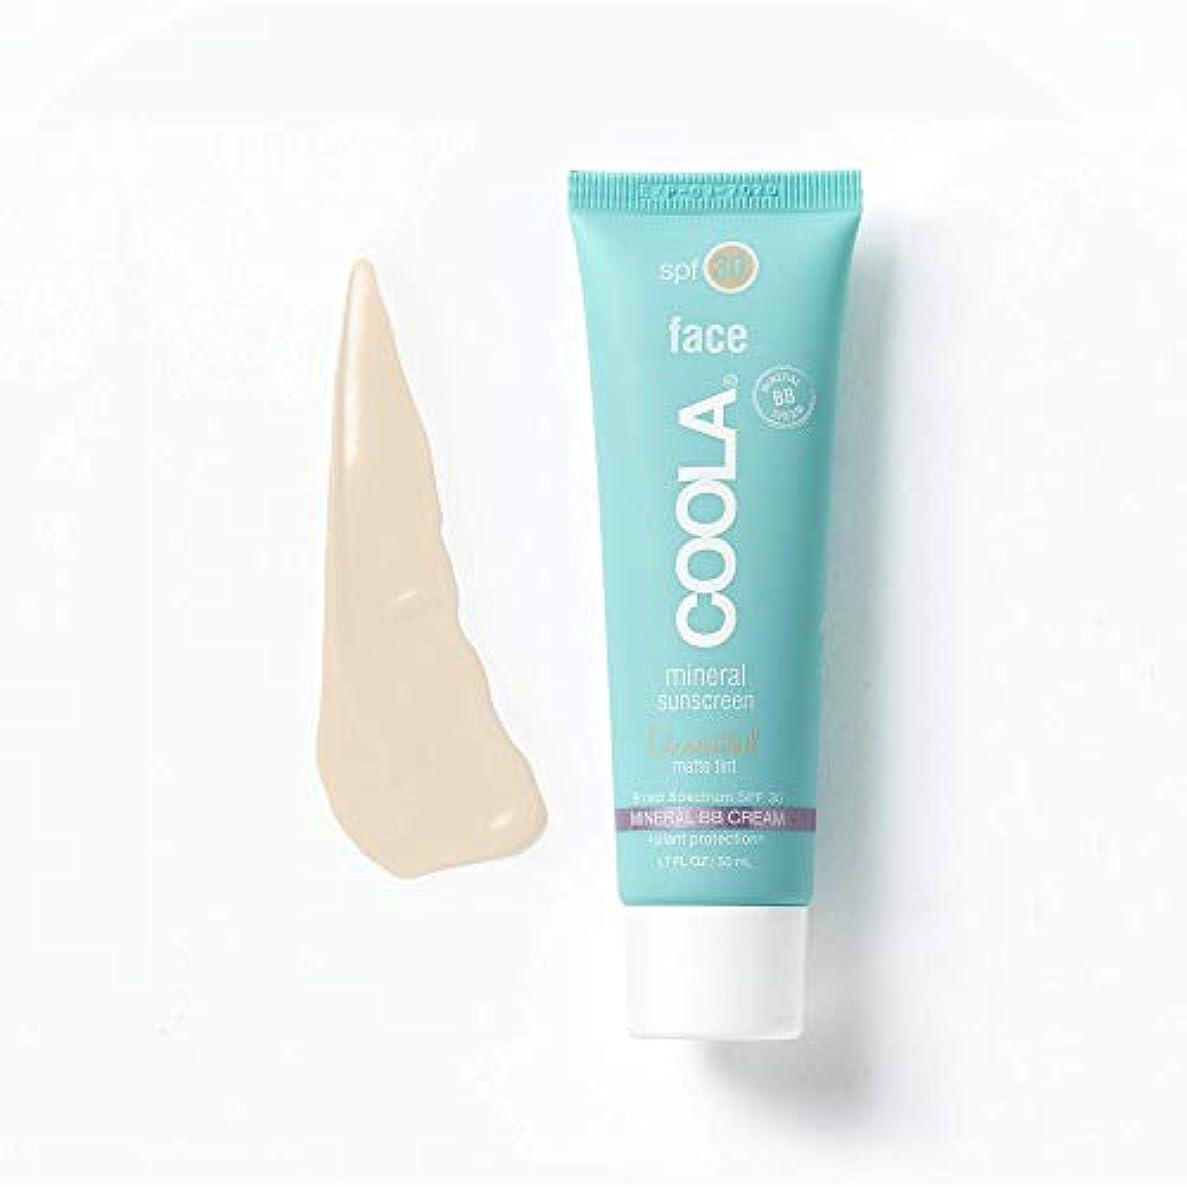 独裁変更可能意味するCoola Face Spf 30 Mineral Sunscreen Unscented Matte Tint (並行輸入品)